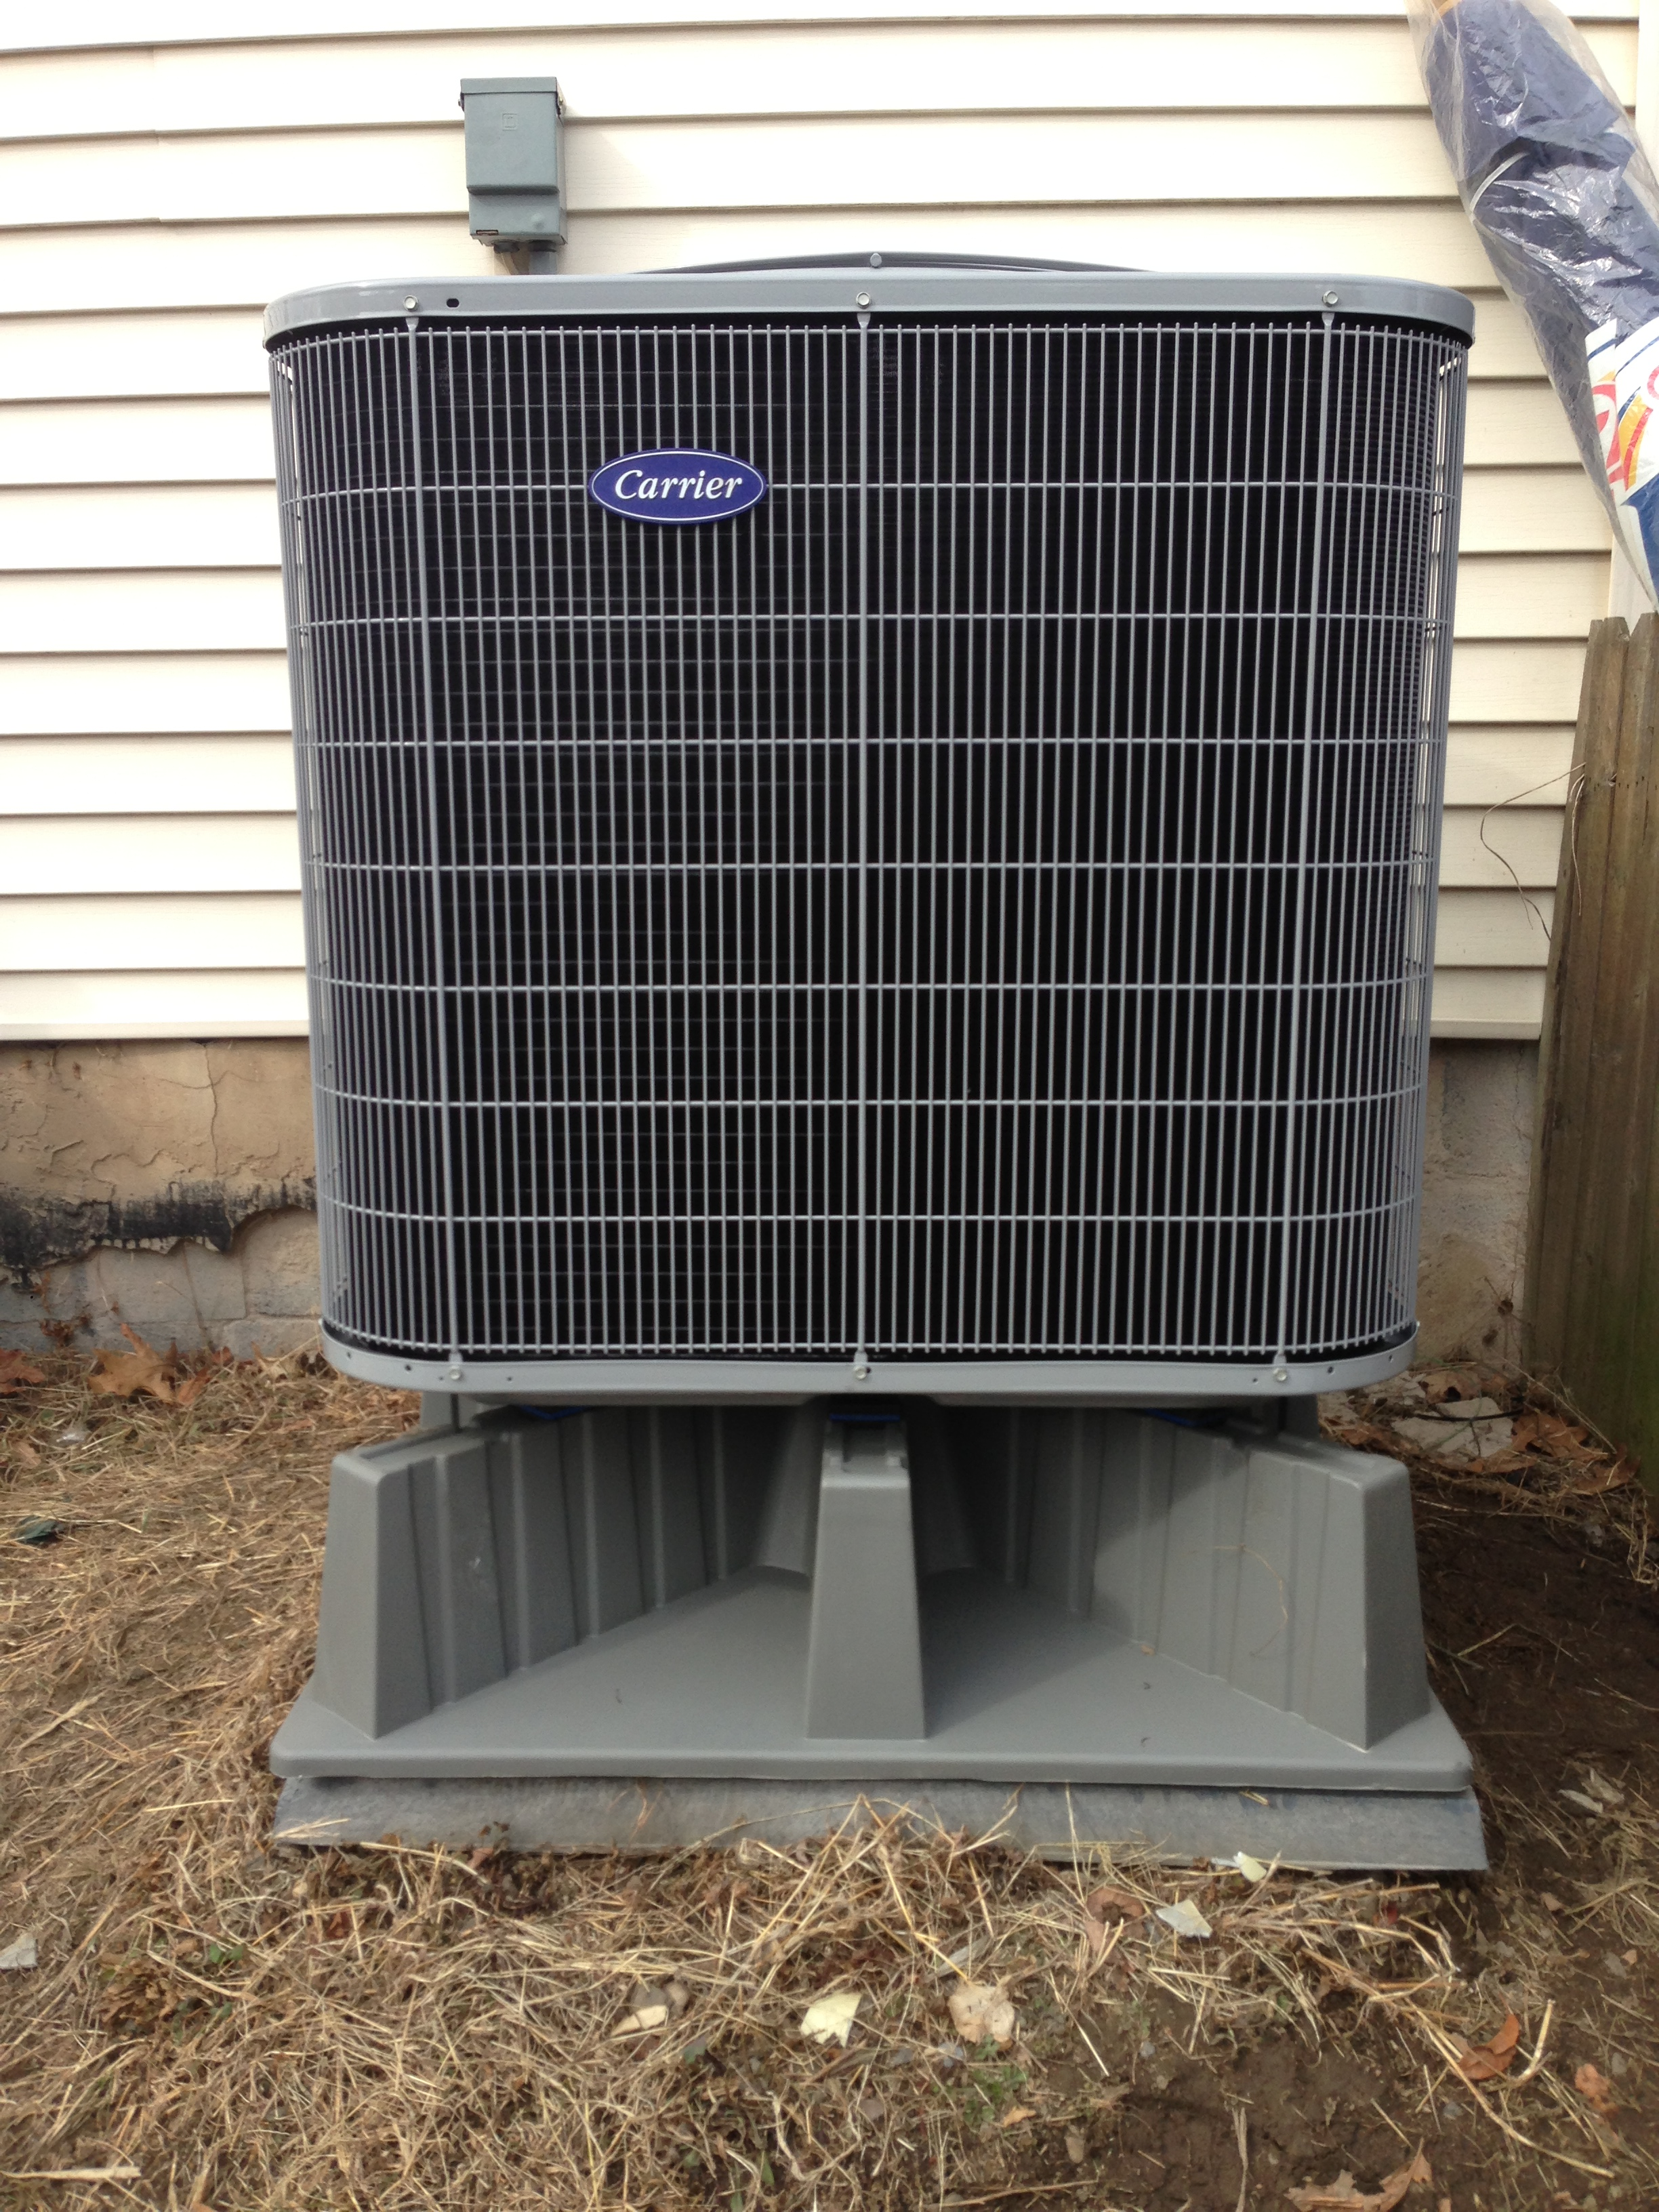 Residential Carrier Outdoor Heat Pump